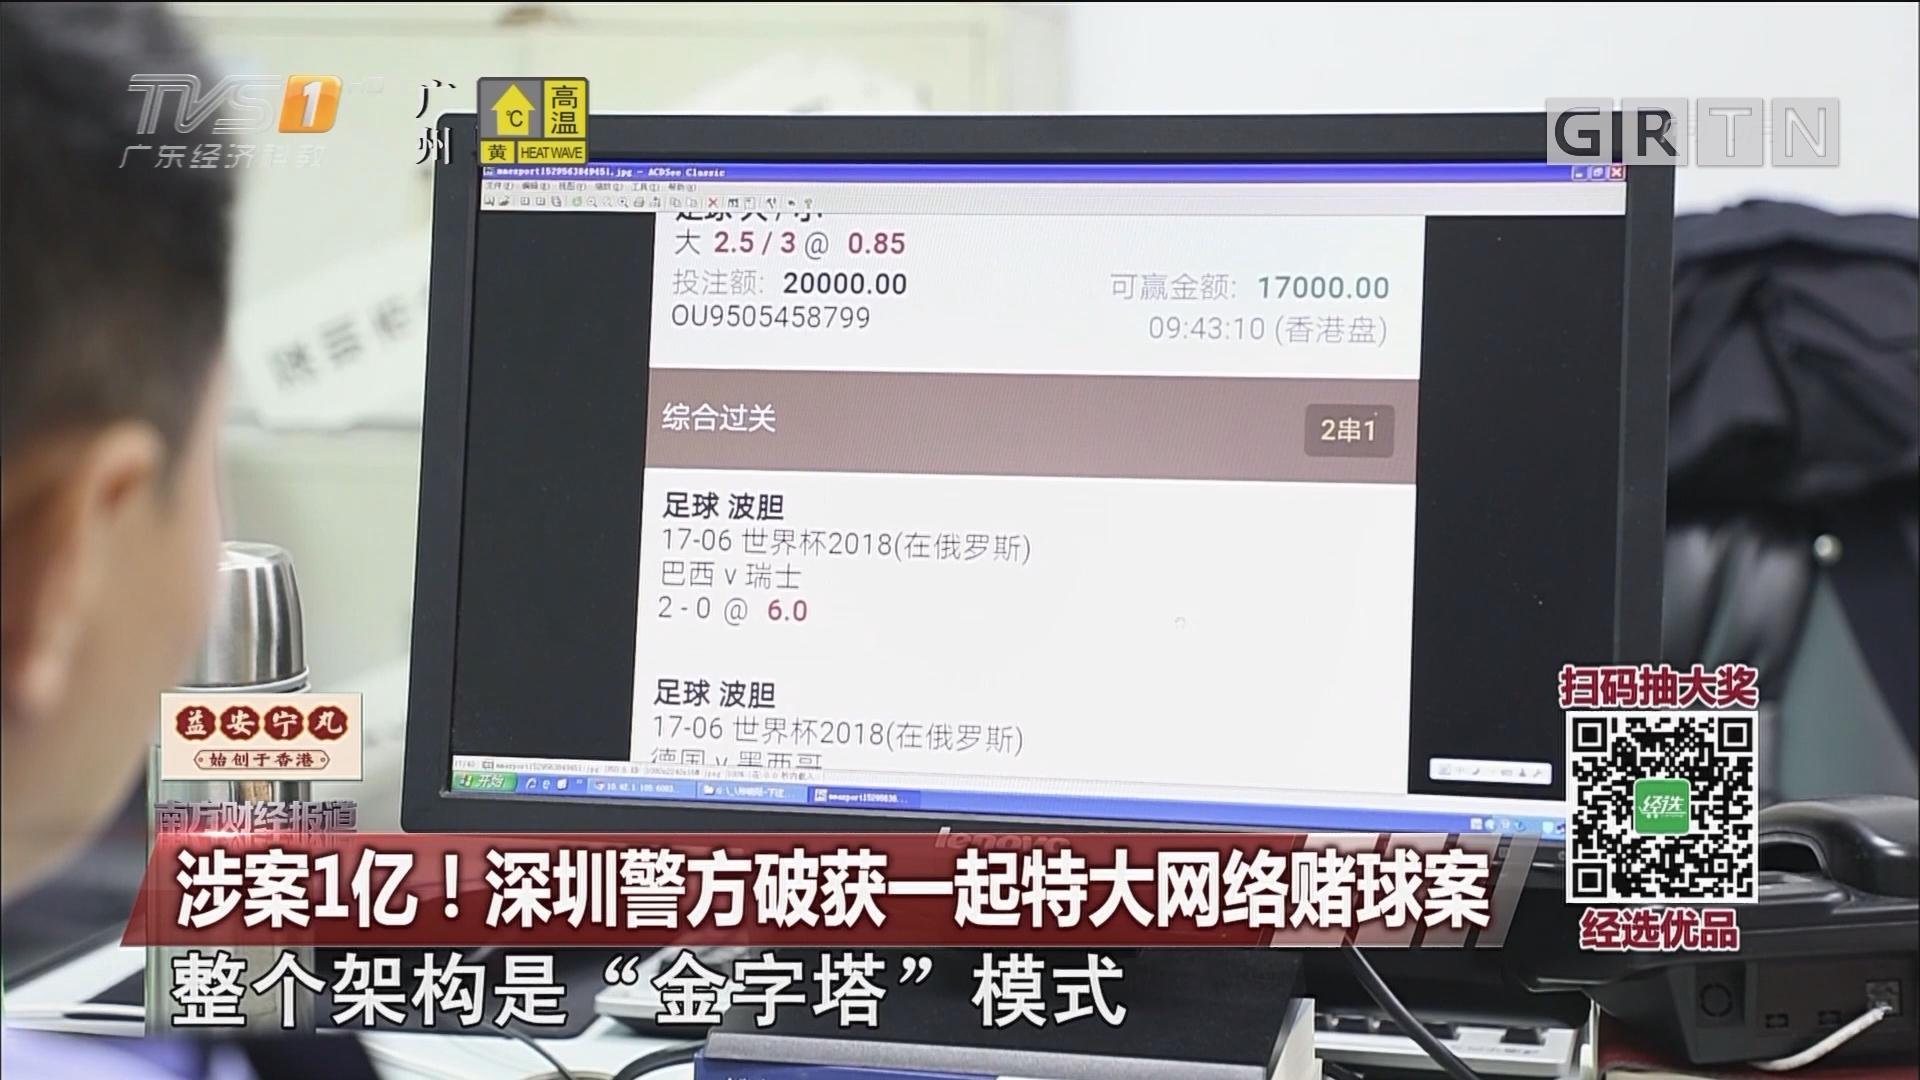 涉案1亿!深圳警方破获一起特大网络赌球案